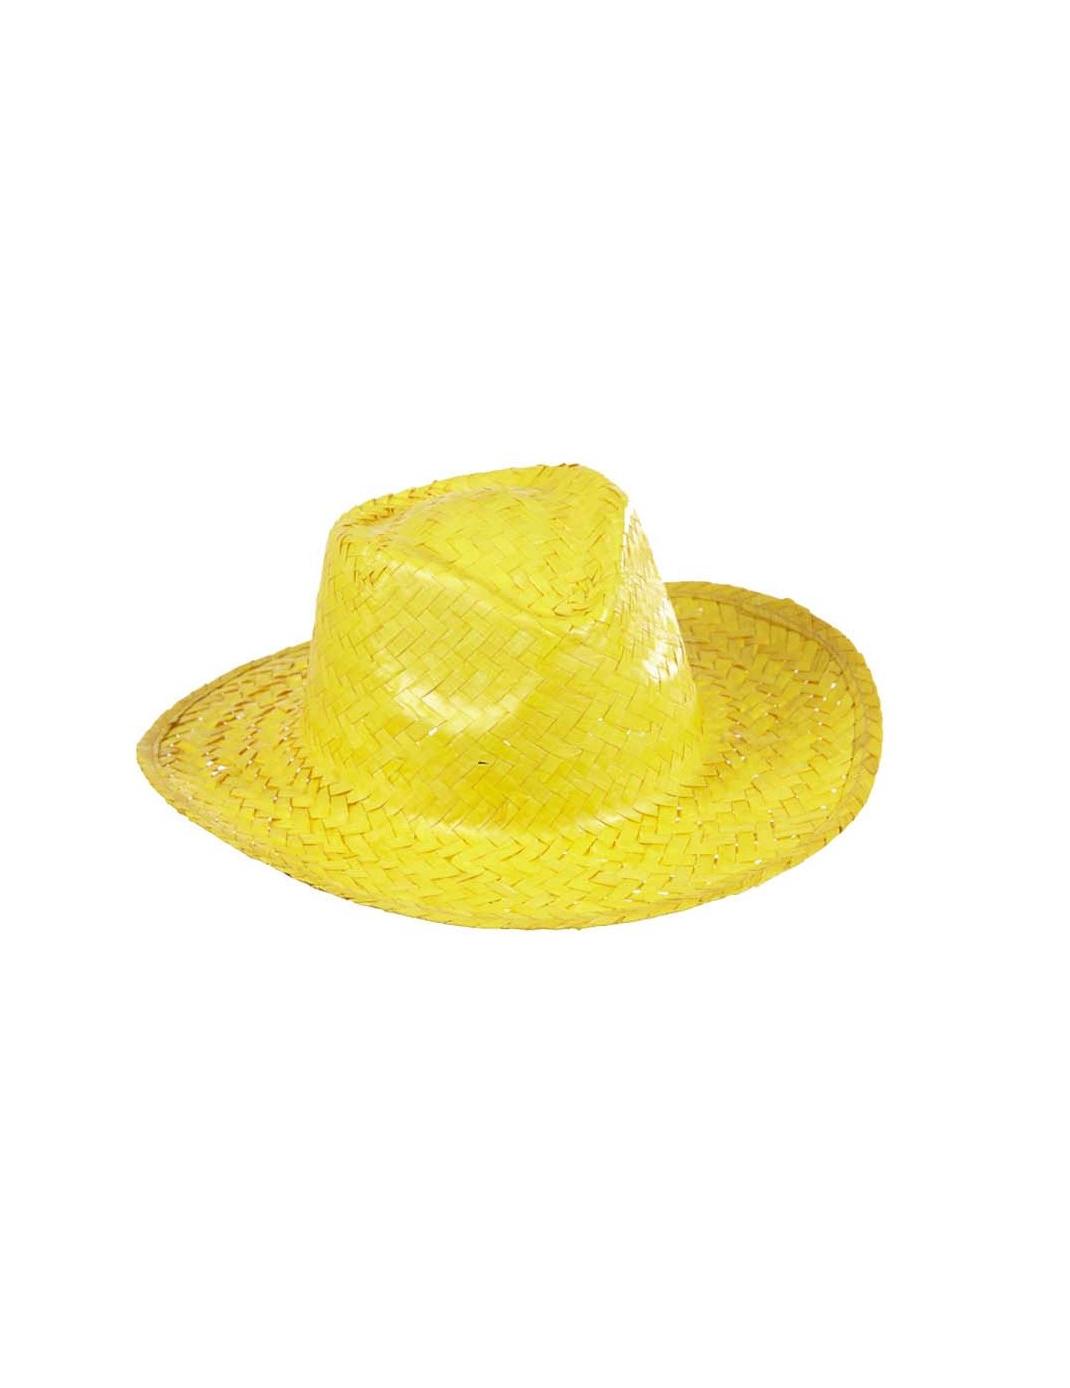 Chapeau cowboy jaune en paille adulte deguise toi achat de chapeaux - Couleur jaune paille ...